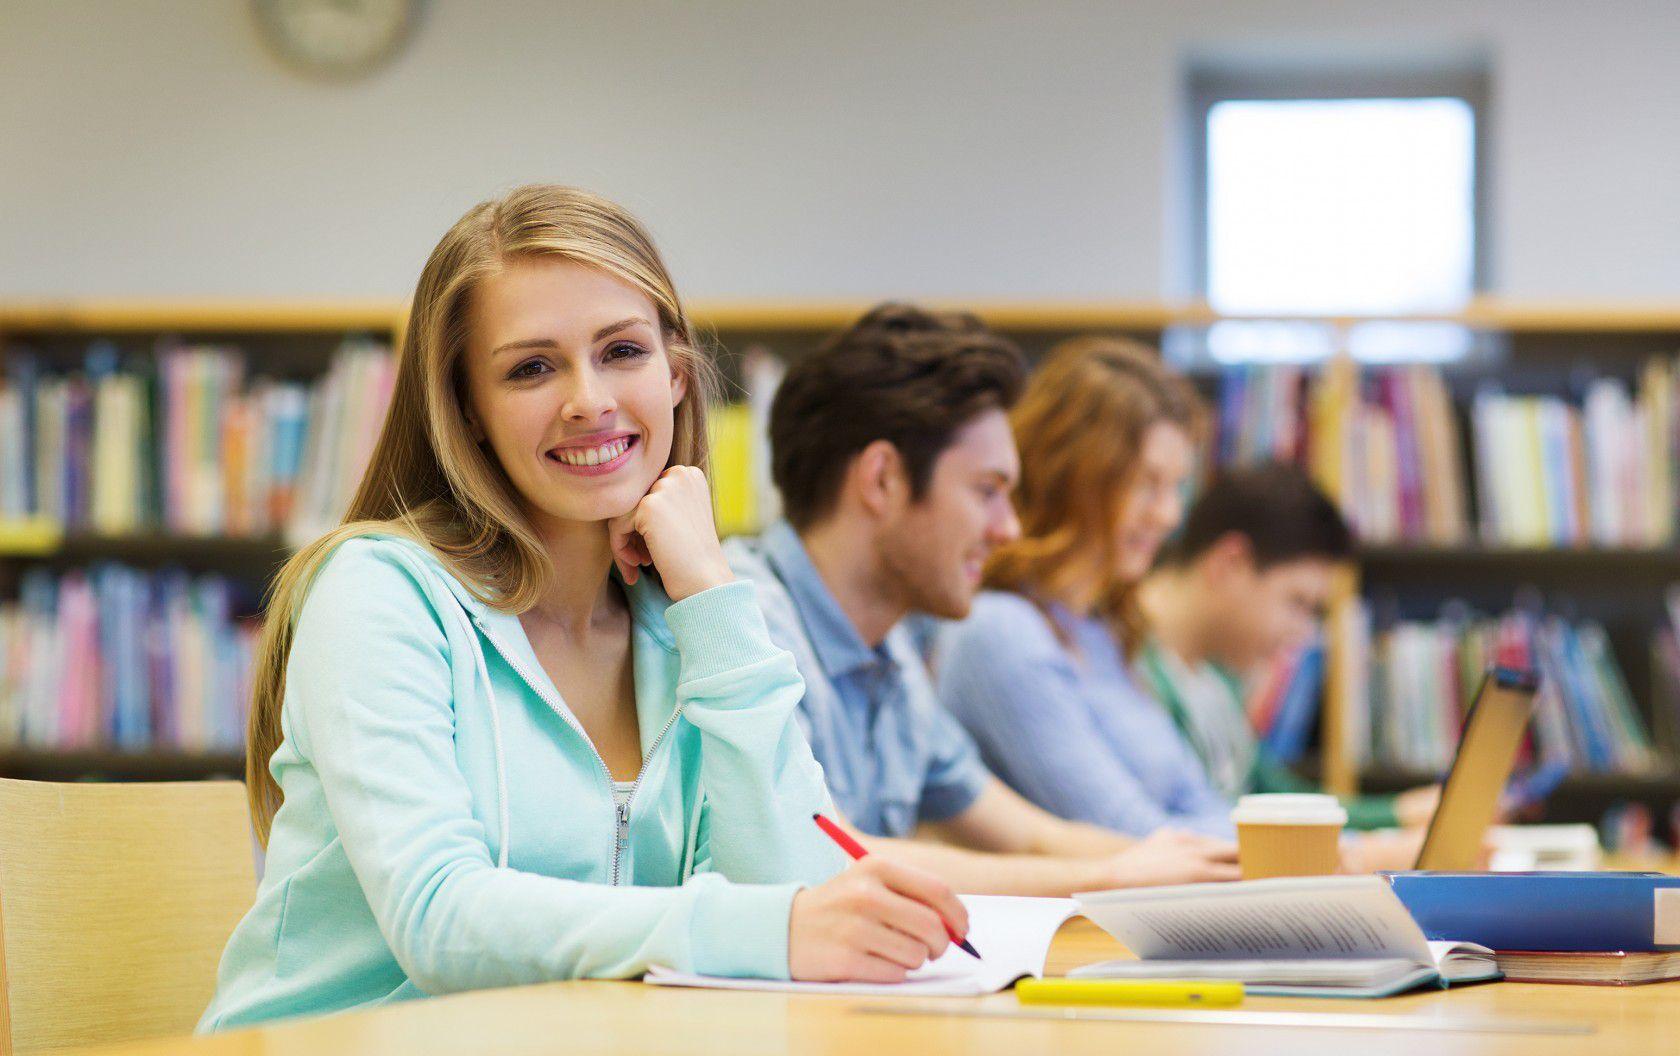 International Baccalaureate (IB) Uluslararası Bakalorya Kurs Uzmanı Nasıl Olunur?